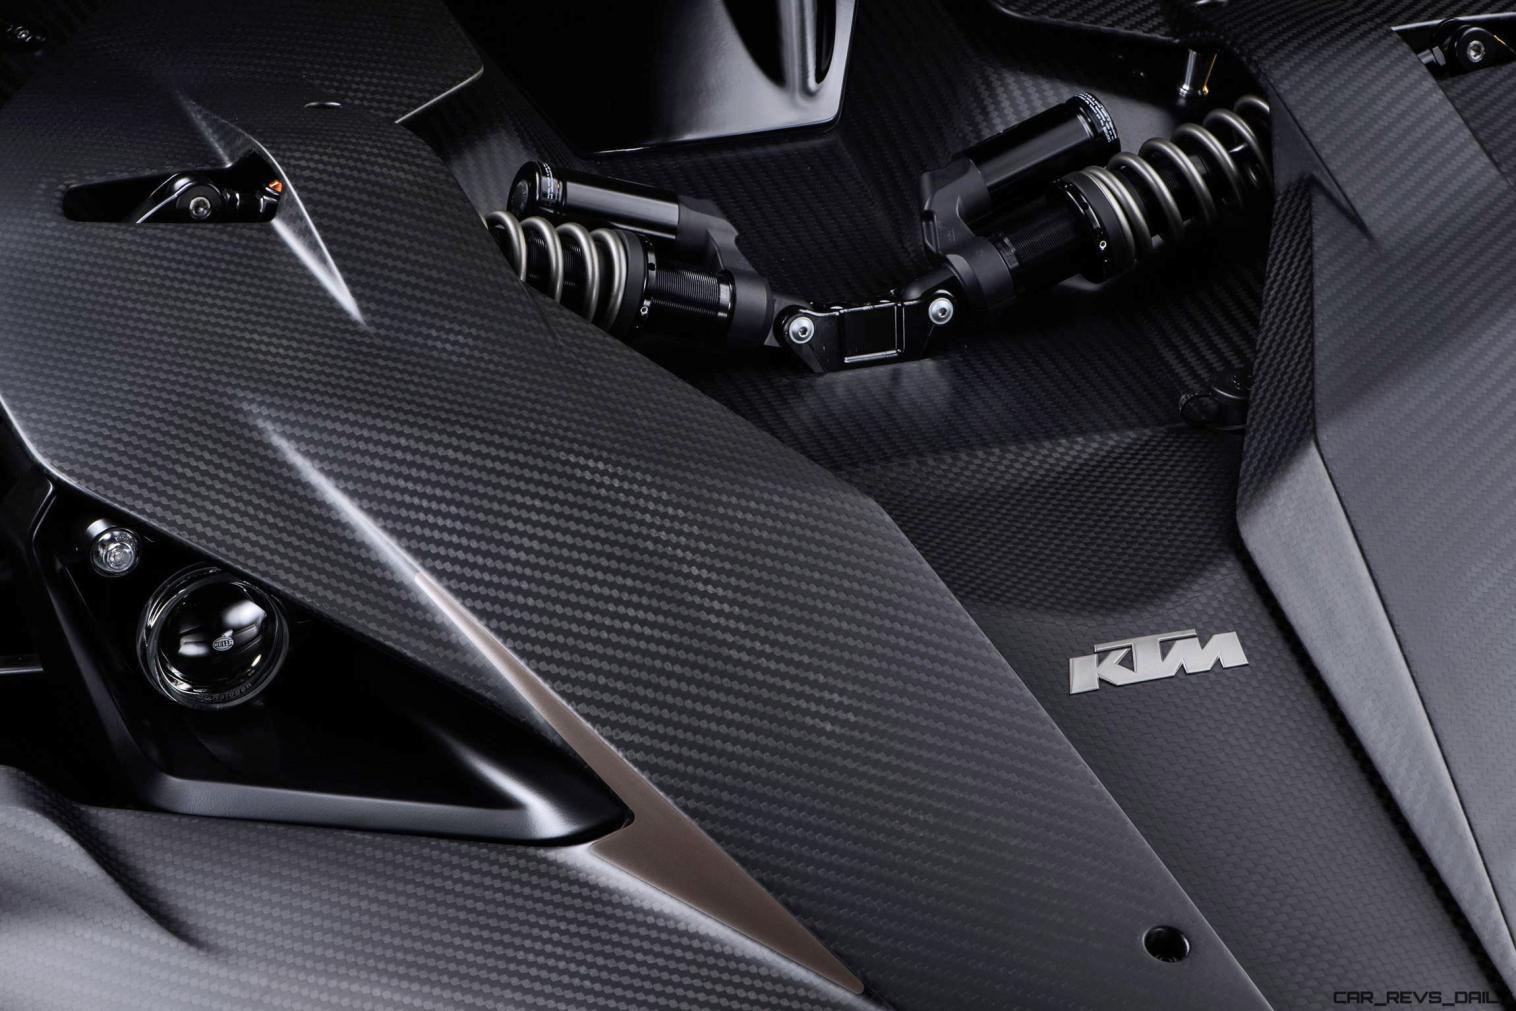 2016 KTM X-Bow GT Black Carbon 12